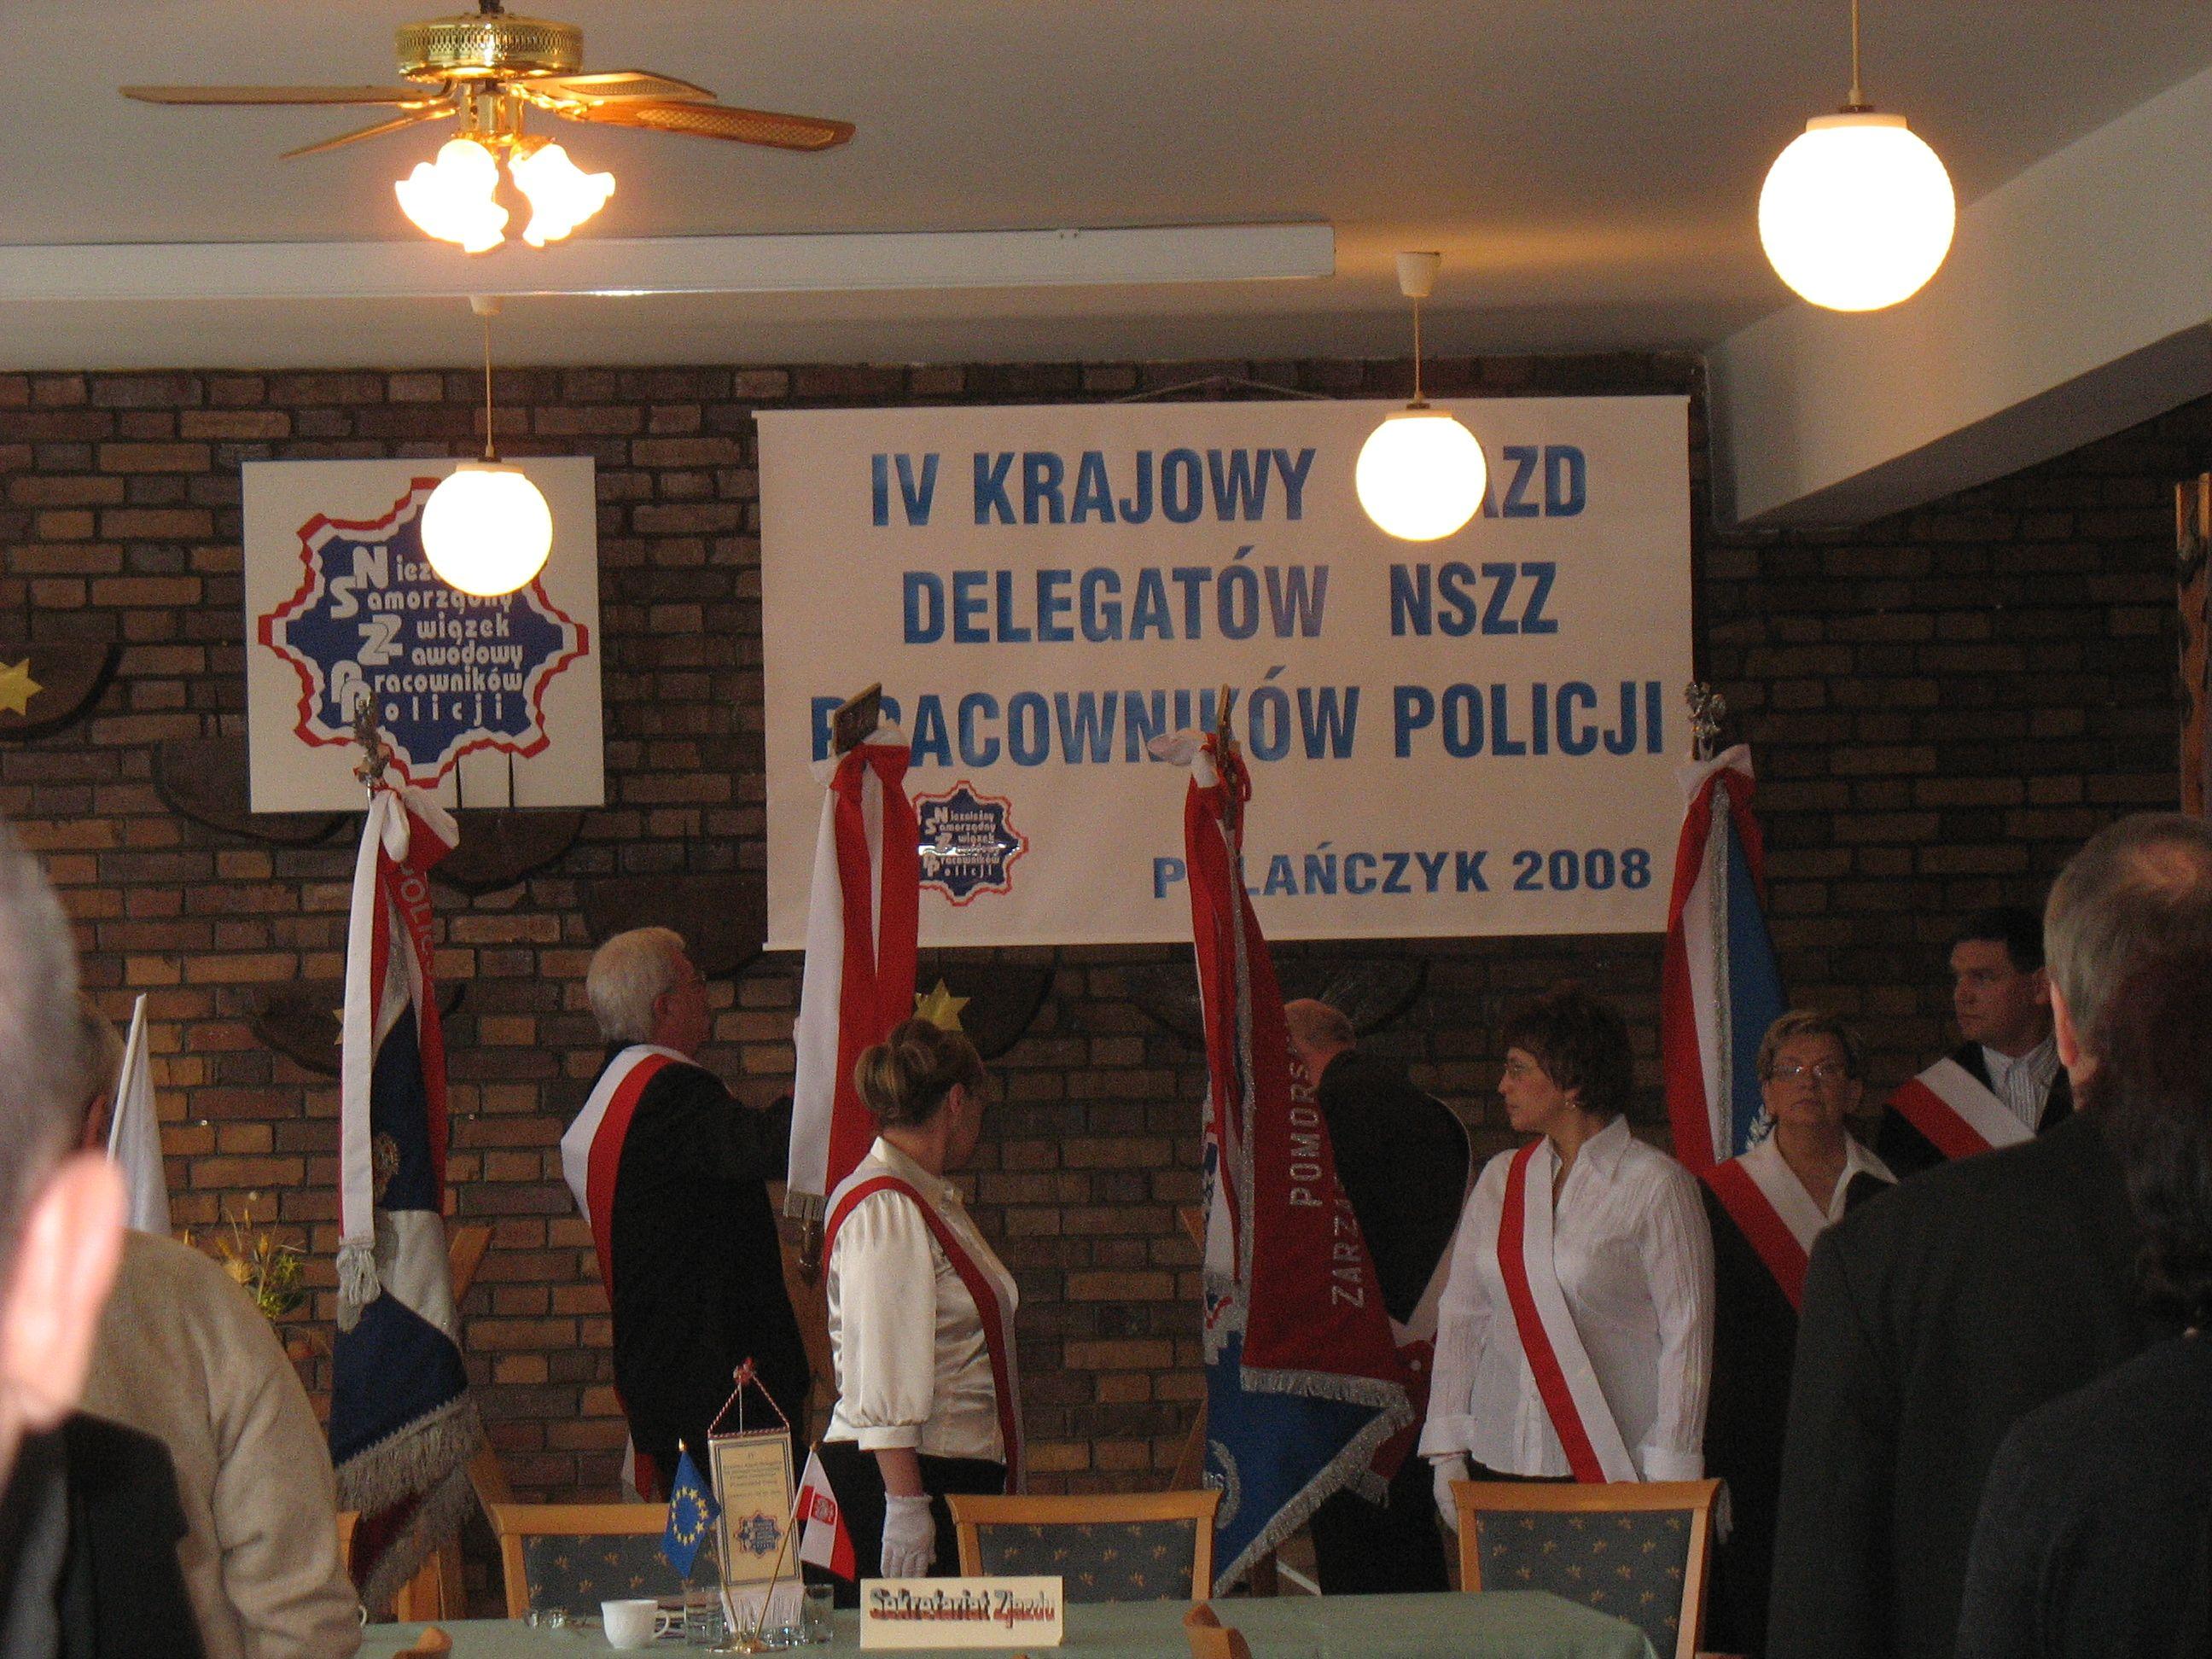 IV Zjazd Delegatów w Polańczyku